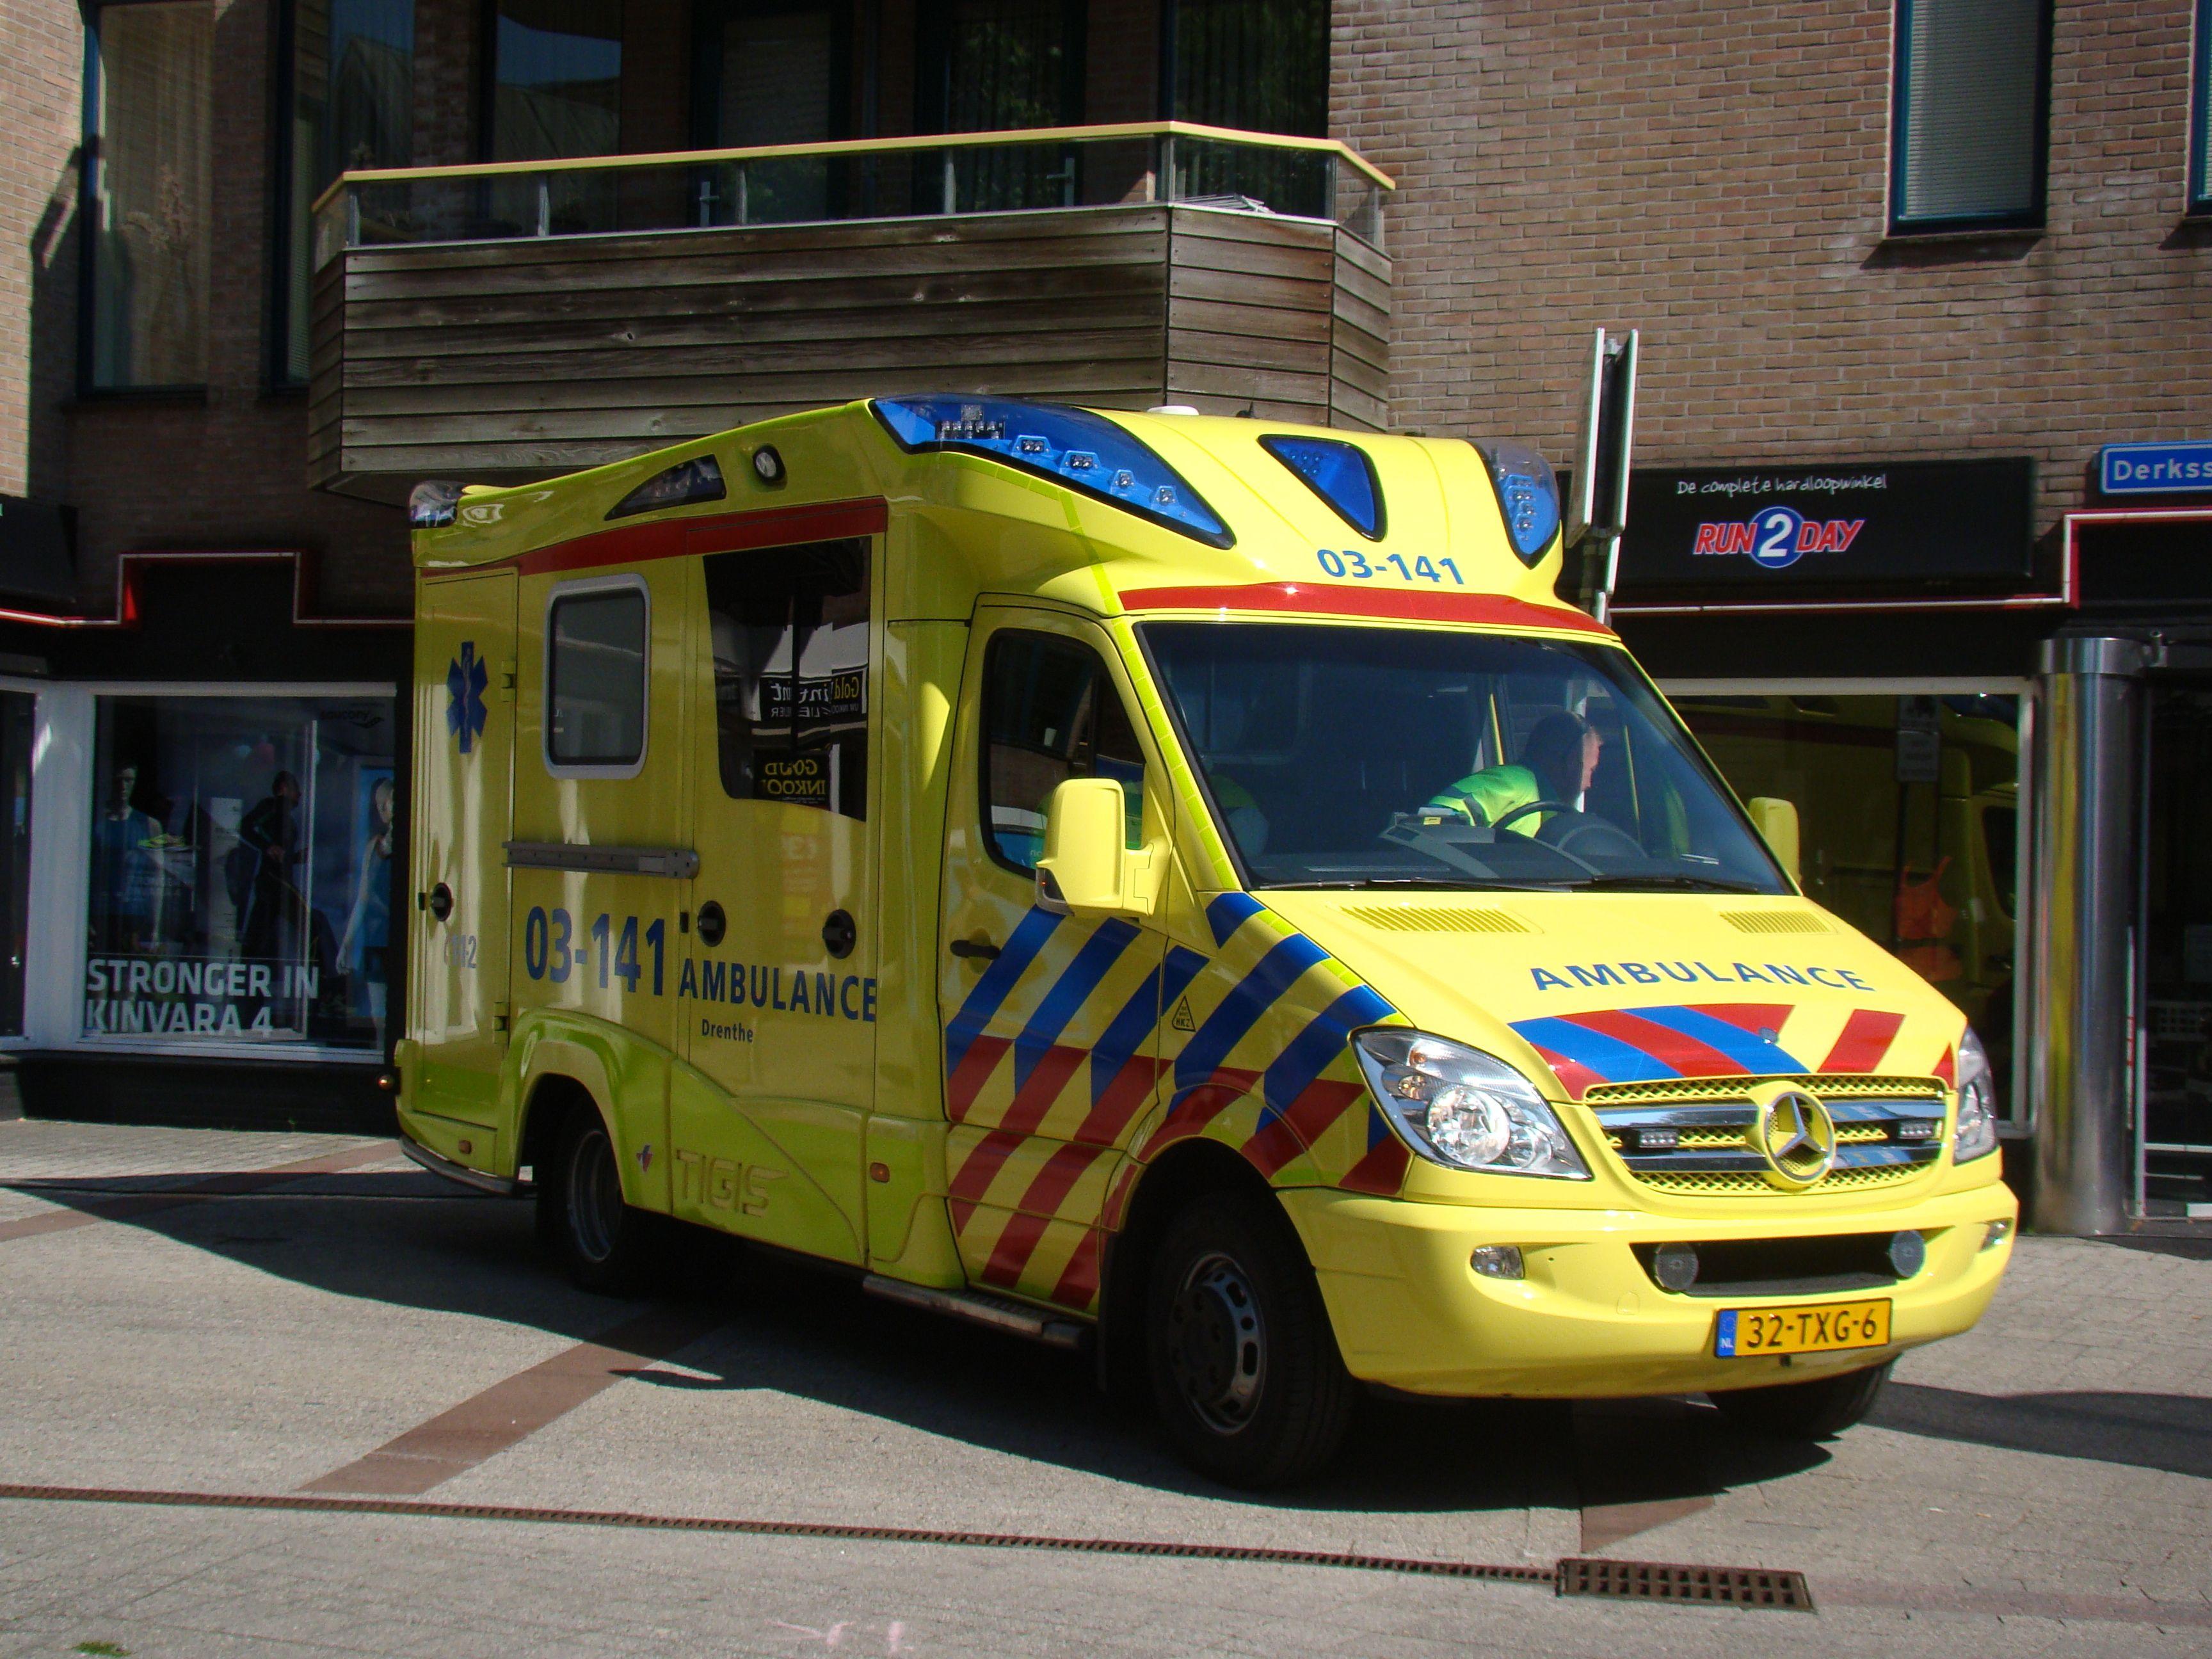 03141 mercedesbenz 519 cdi_a1 tigis ambulance van de